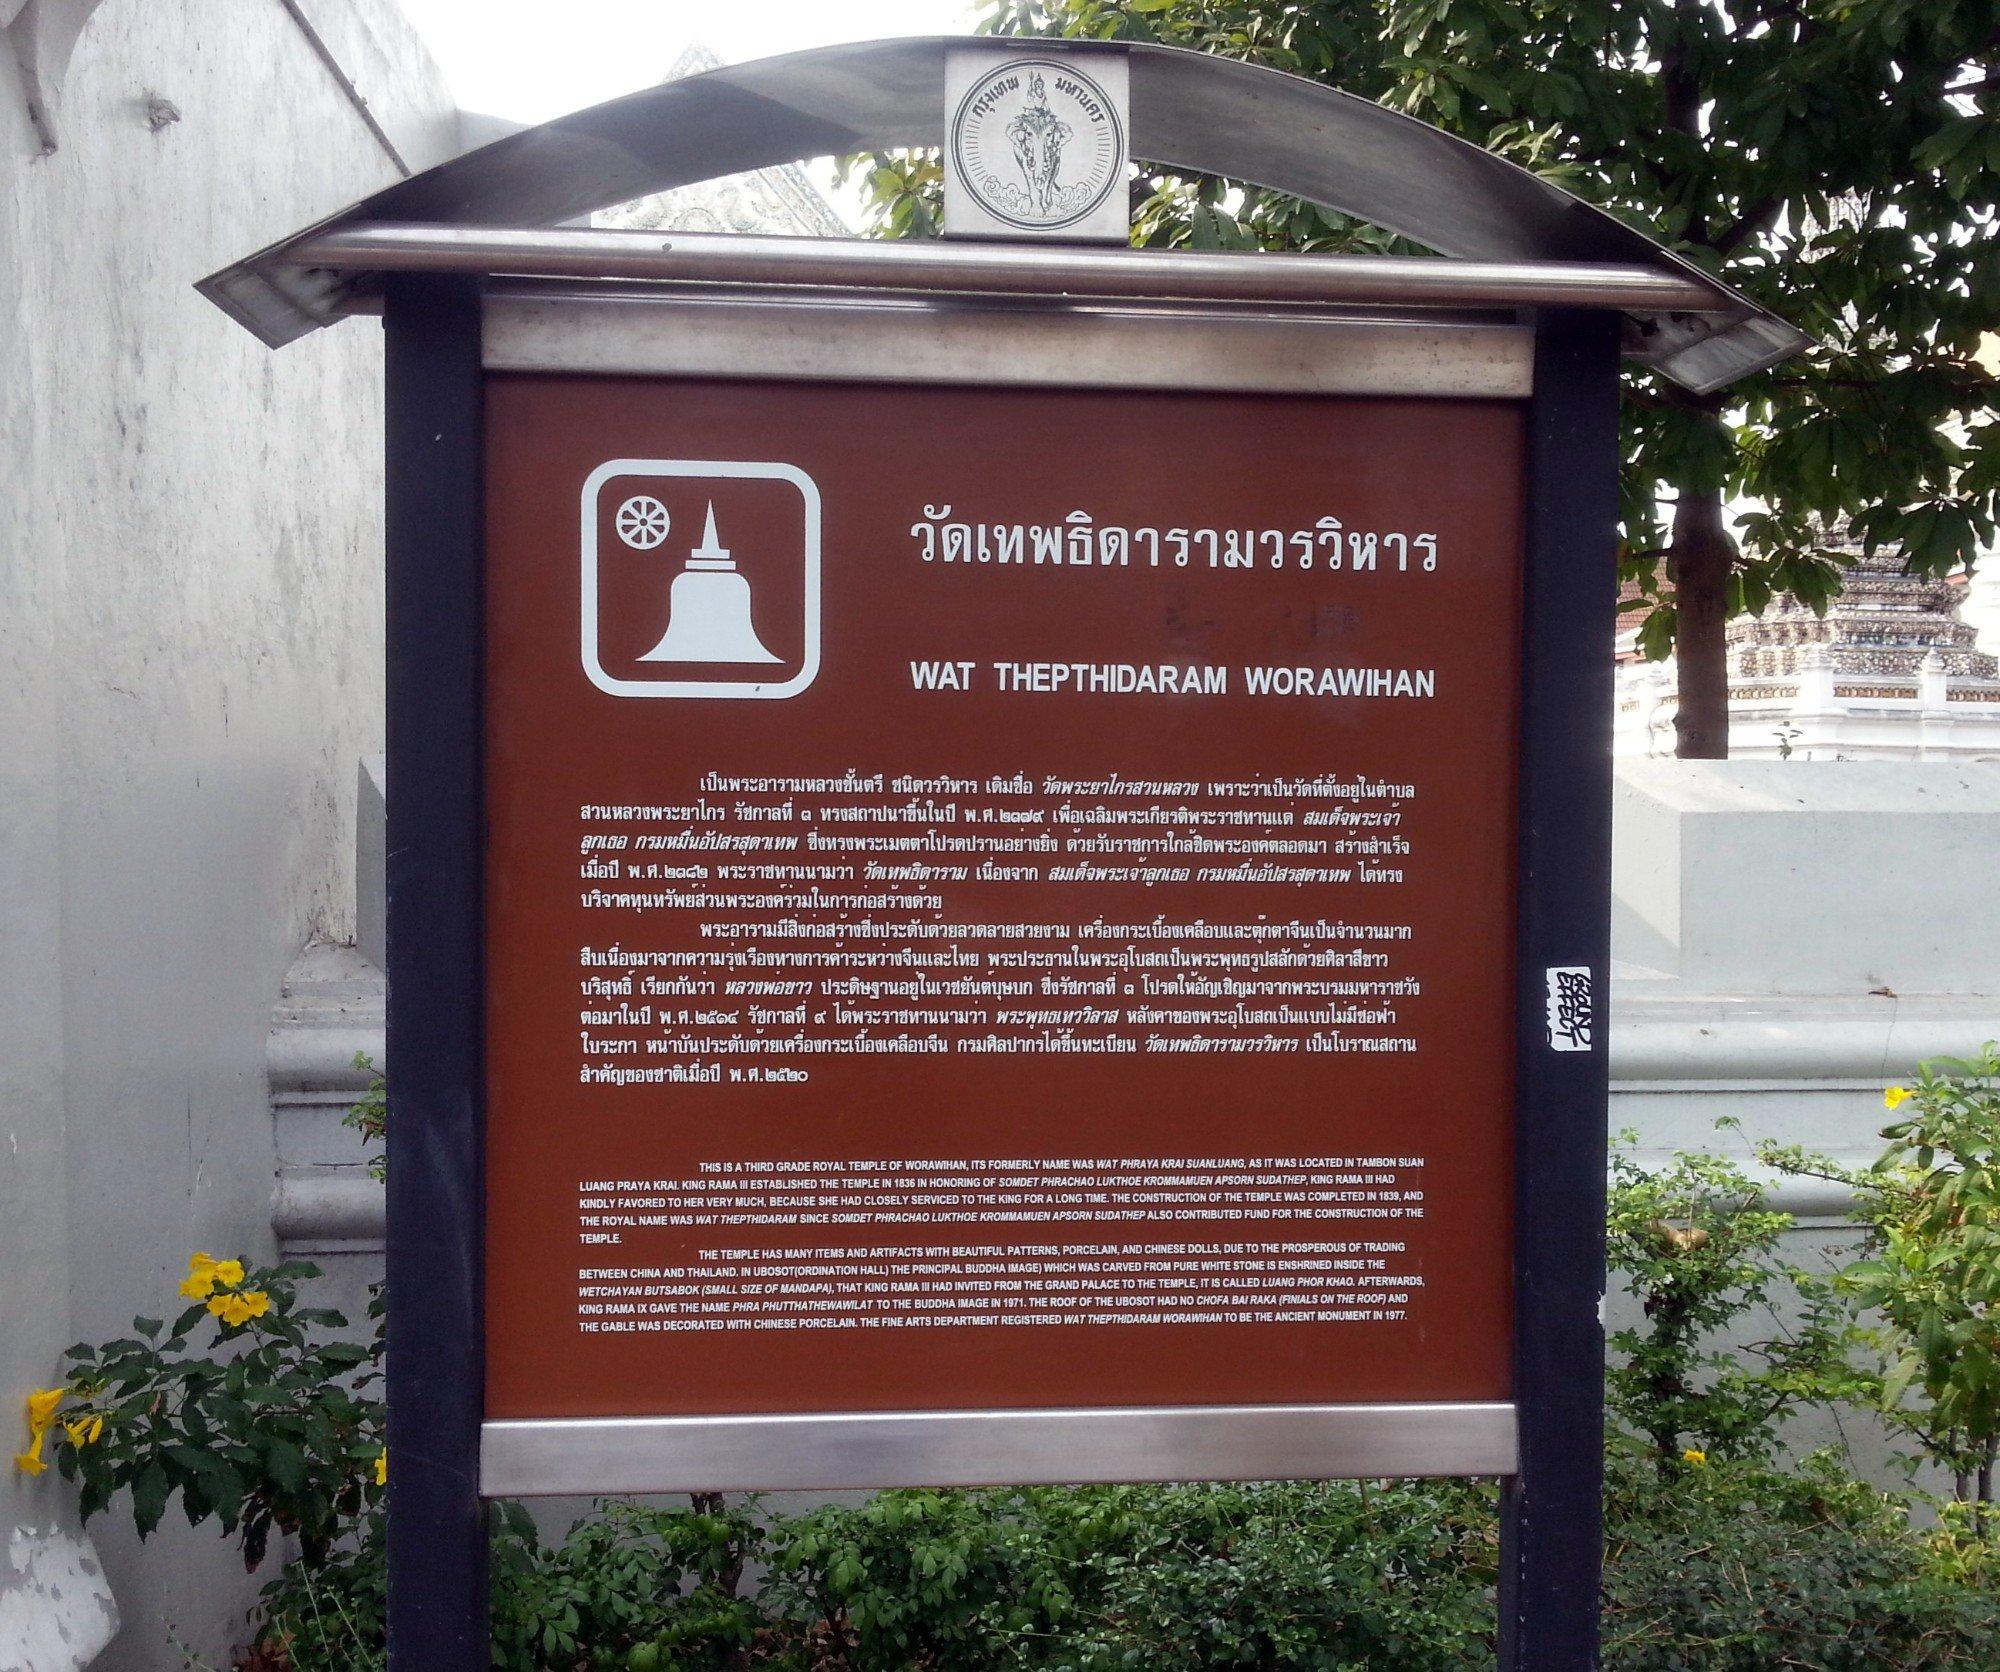 Wat Thepthidaram in Bangkok